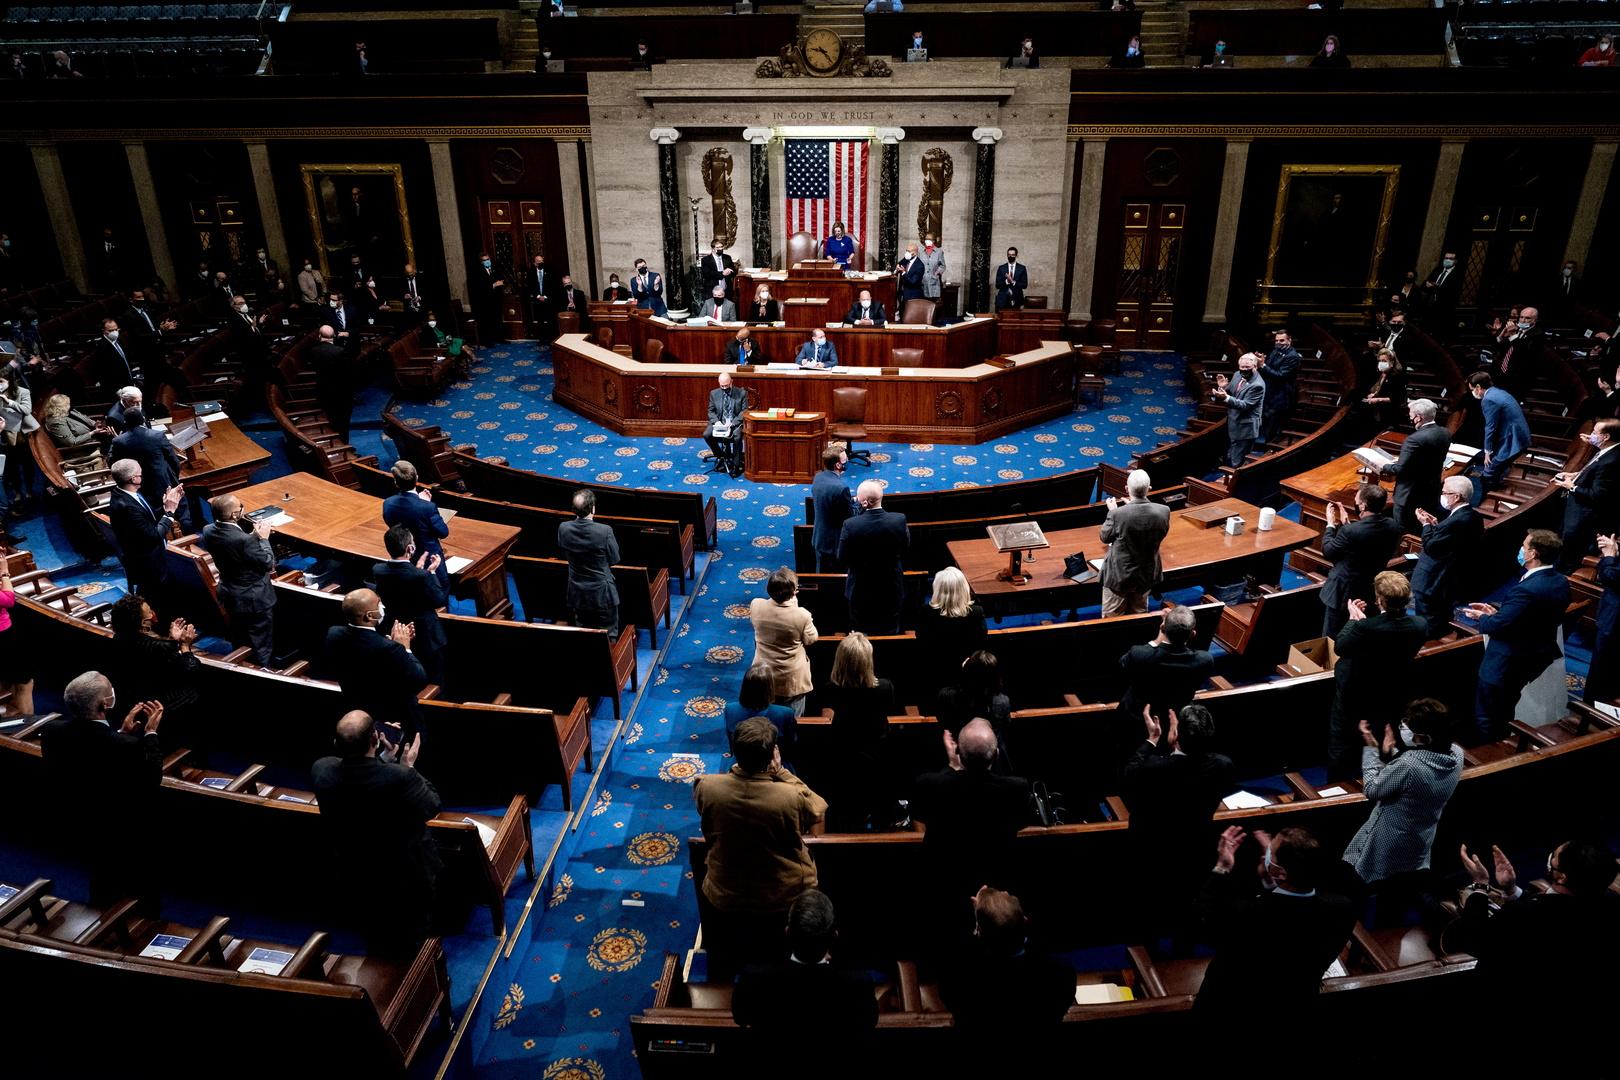 مجلس النواب الأمريكي يصوت على قرار يدعو بينس لتفعيل المادة 25 لعزل ترامب